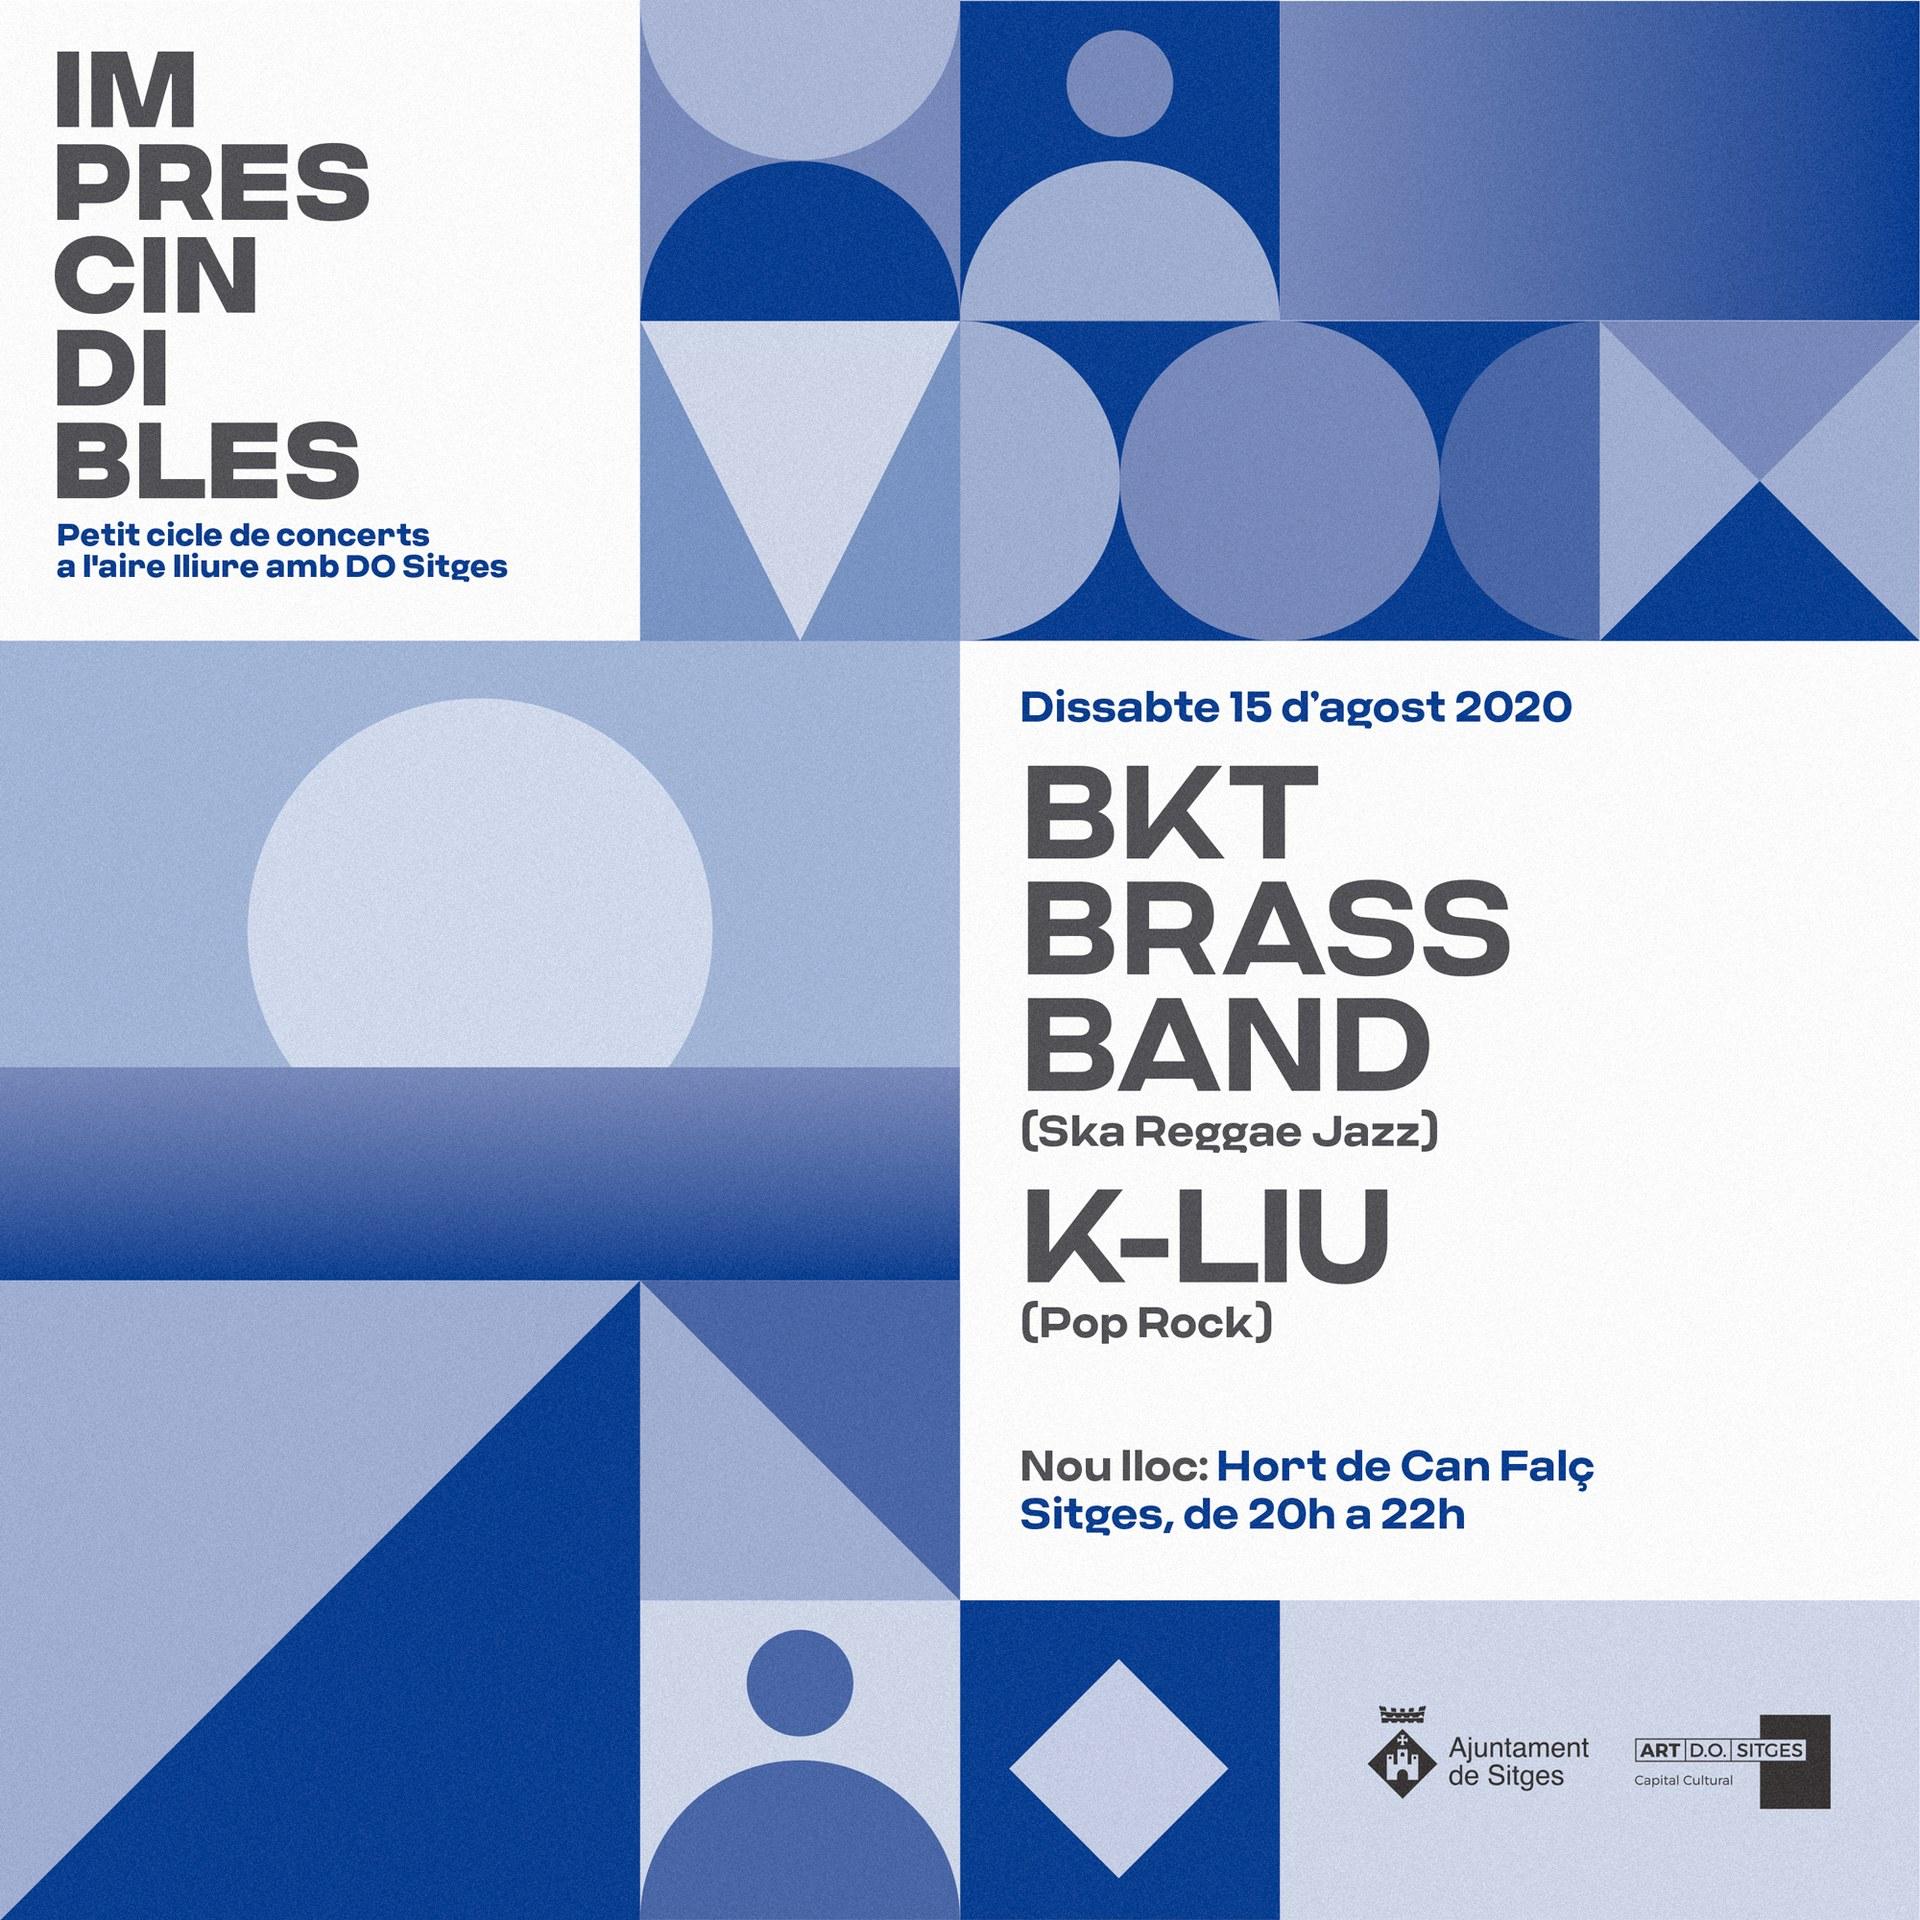 Els grups K-LIU i BKT Brass Band clouran aquest dissabte el cicle 'Imprescindibles' a l'Hort de Can Falç